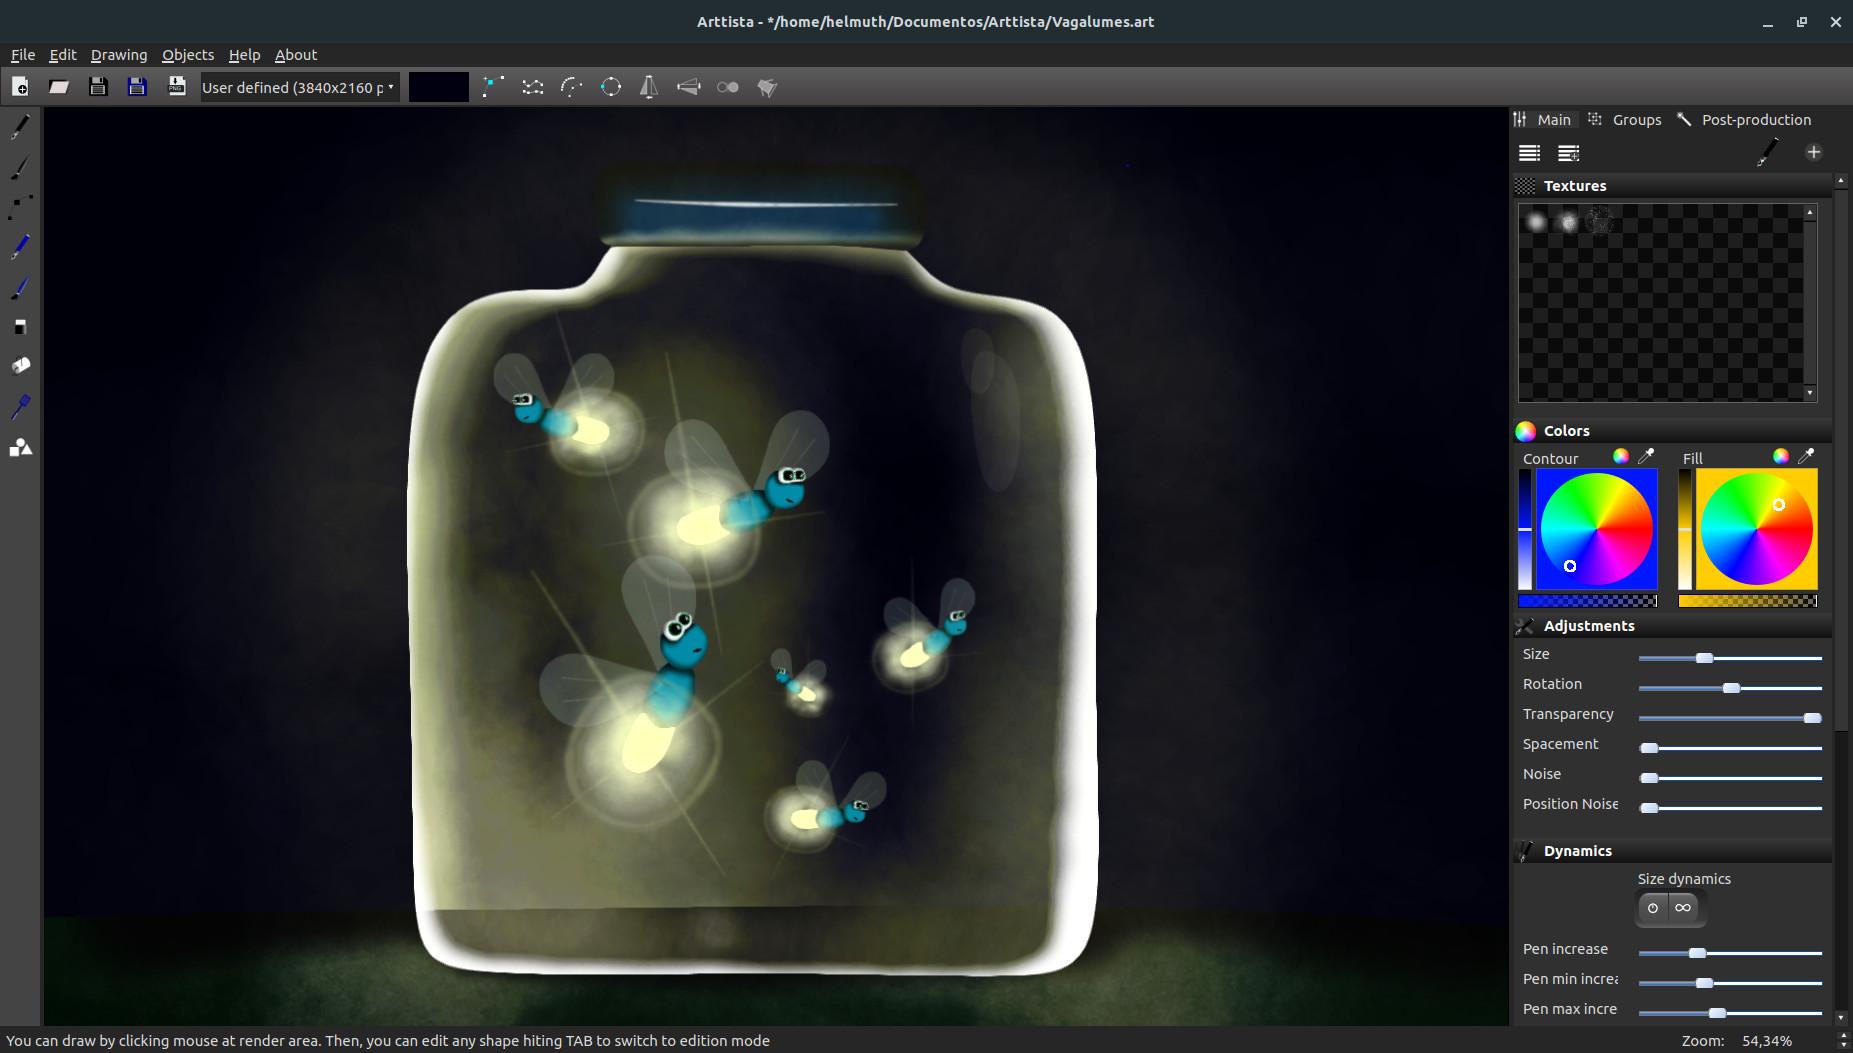 Arttista screenshot